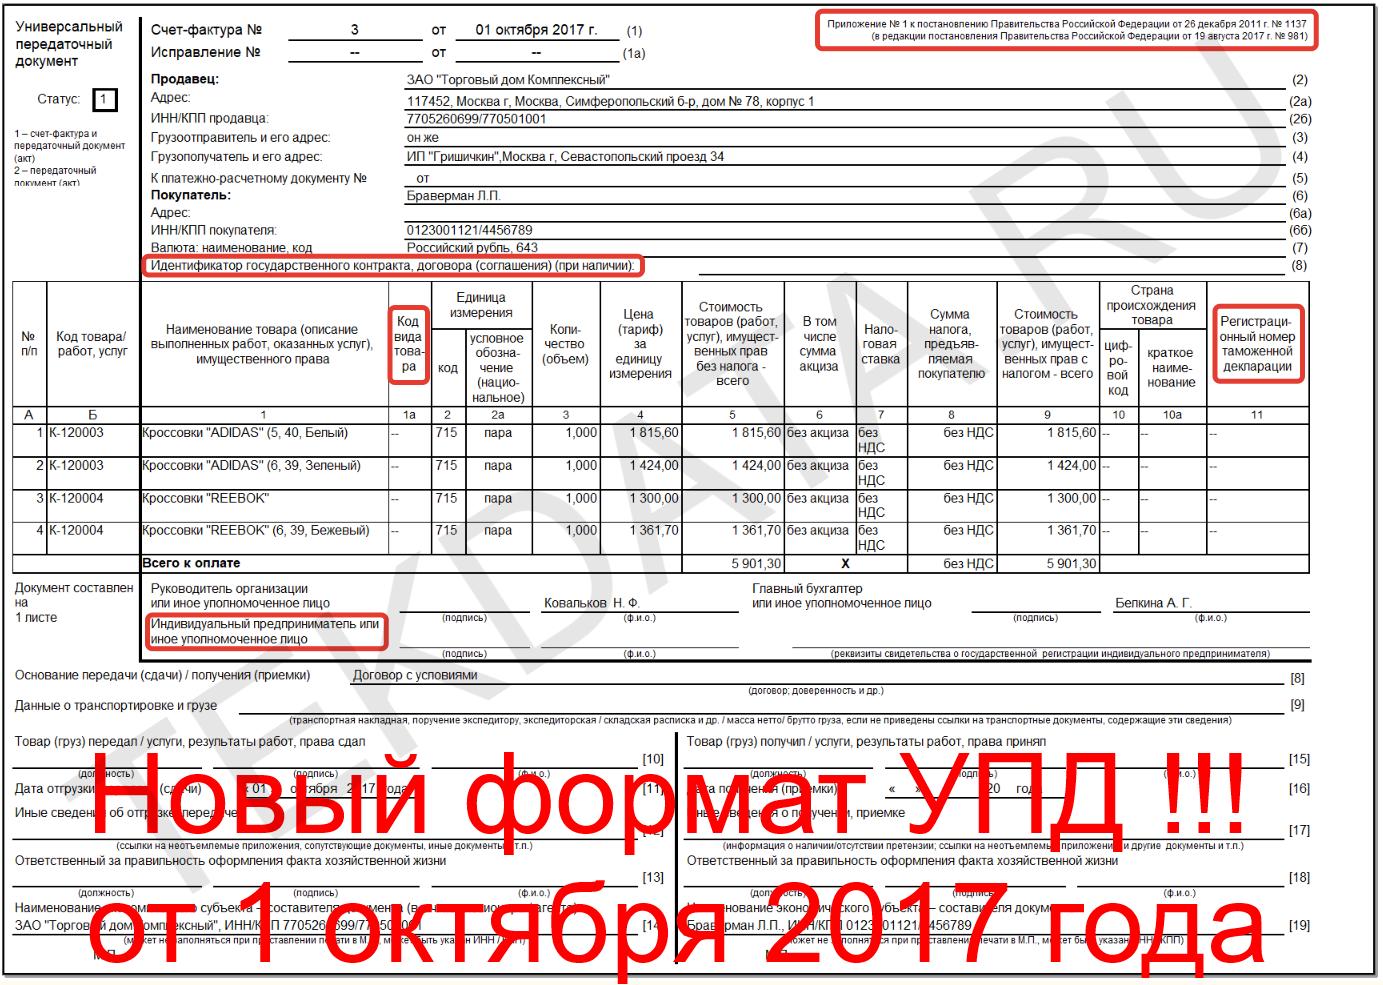 УПД для 1С Бухгалтерия 3.0 (НОВЫЙ ФОРМАТ ⚑ от 1-го Октября 2017!) (Внешняя печатная форма)